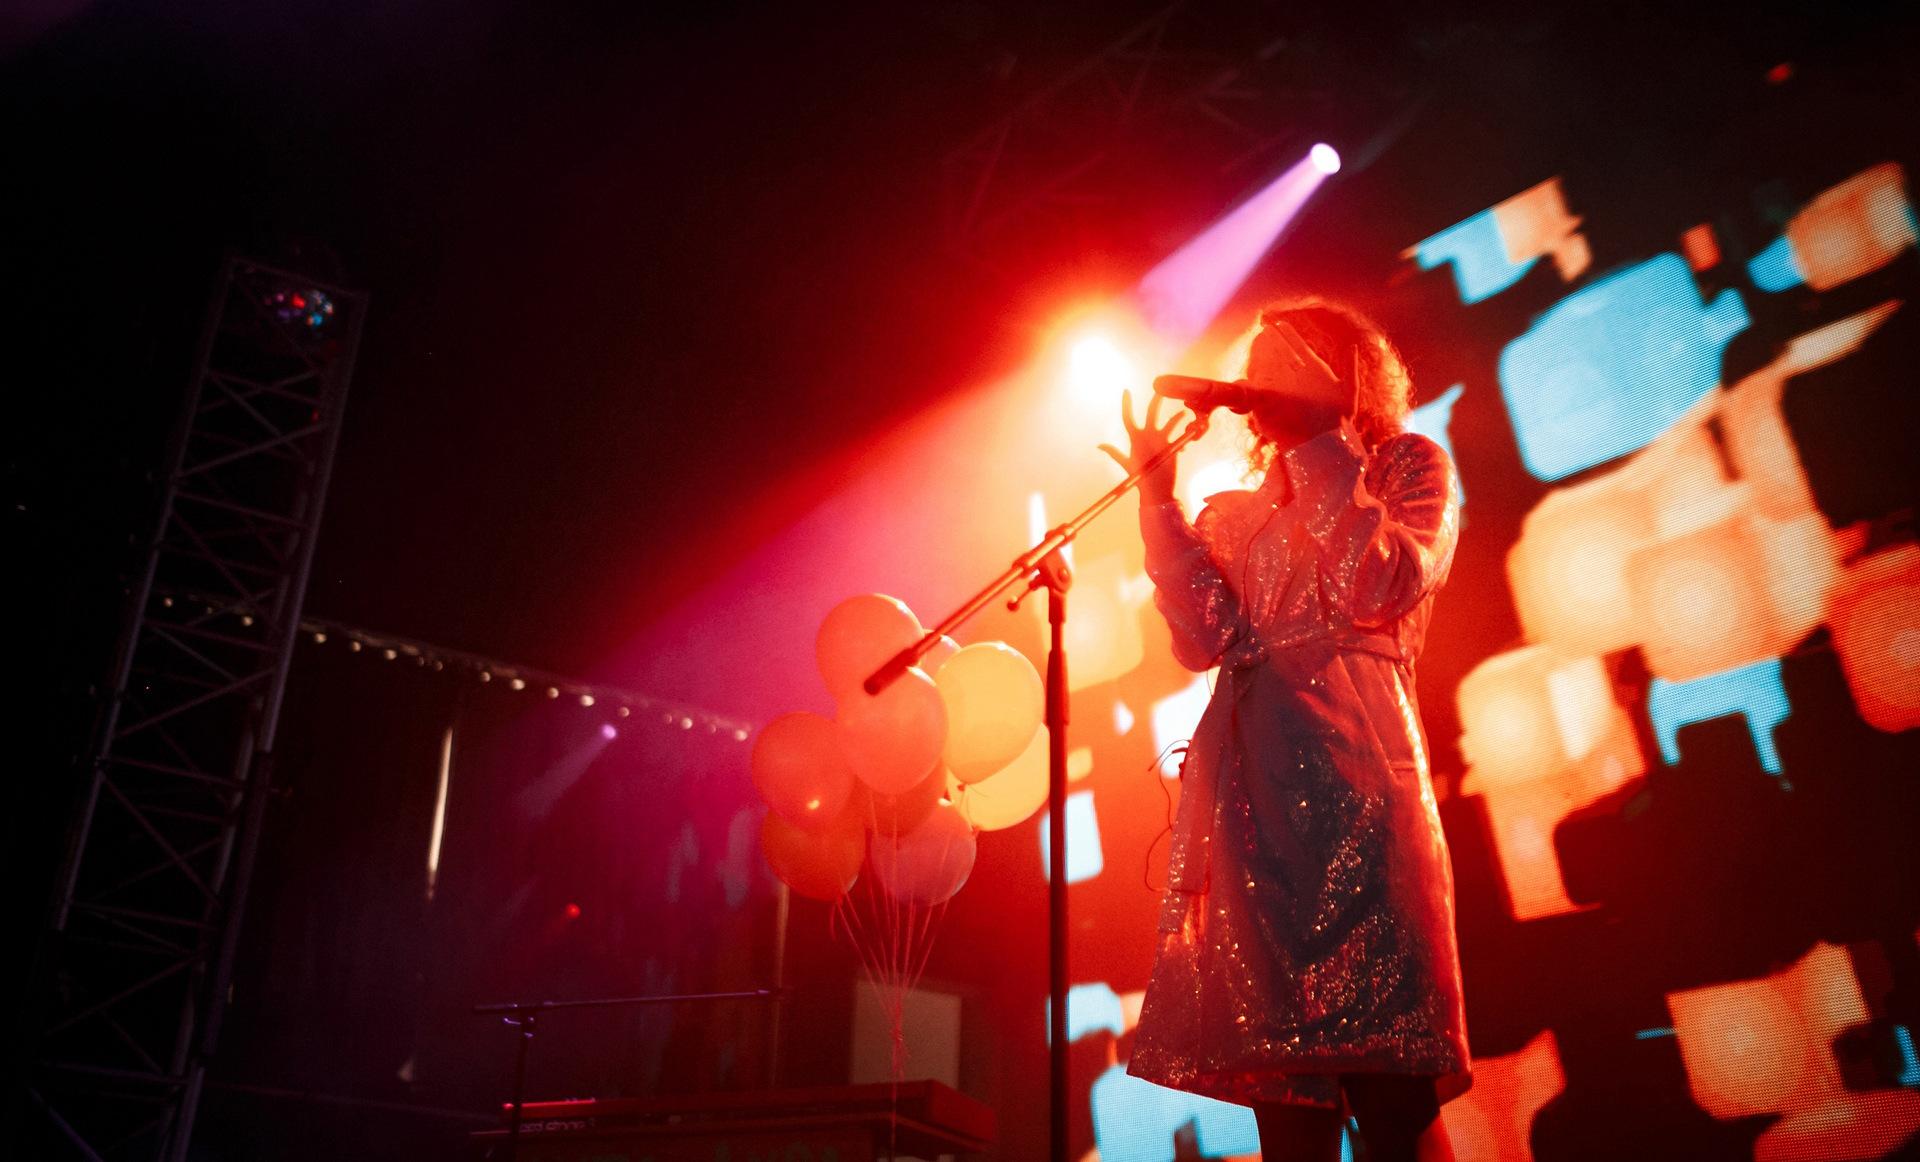 Выступление Монеточки в Milo Concert Hall. Фото: Milo Concert Hall VK